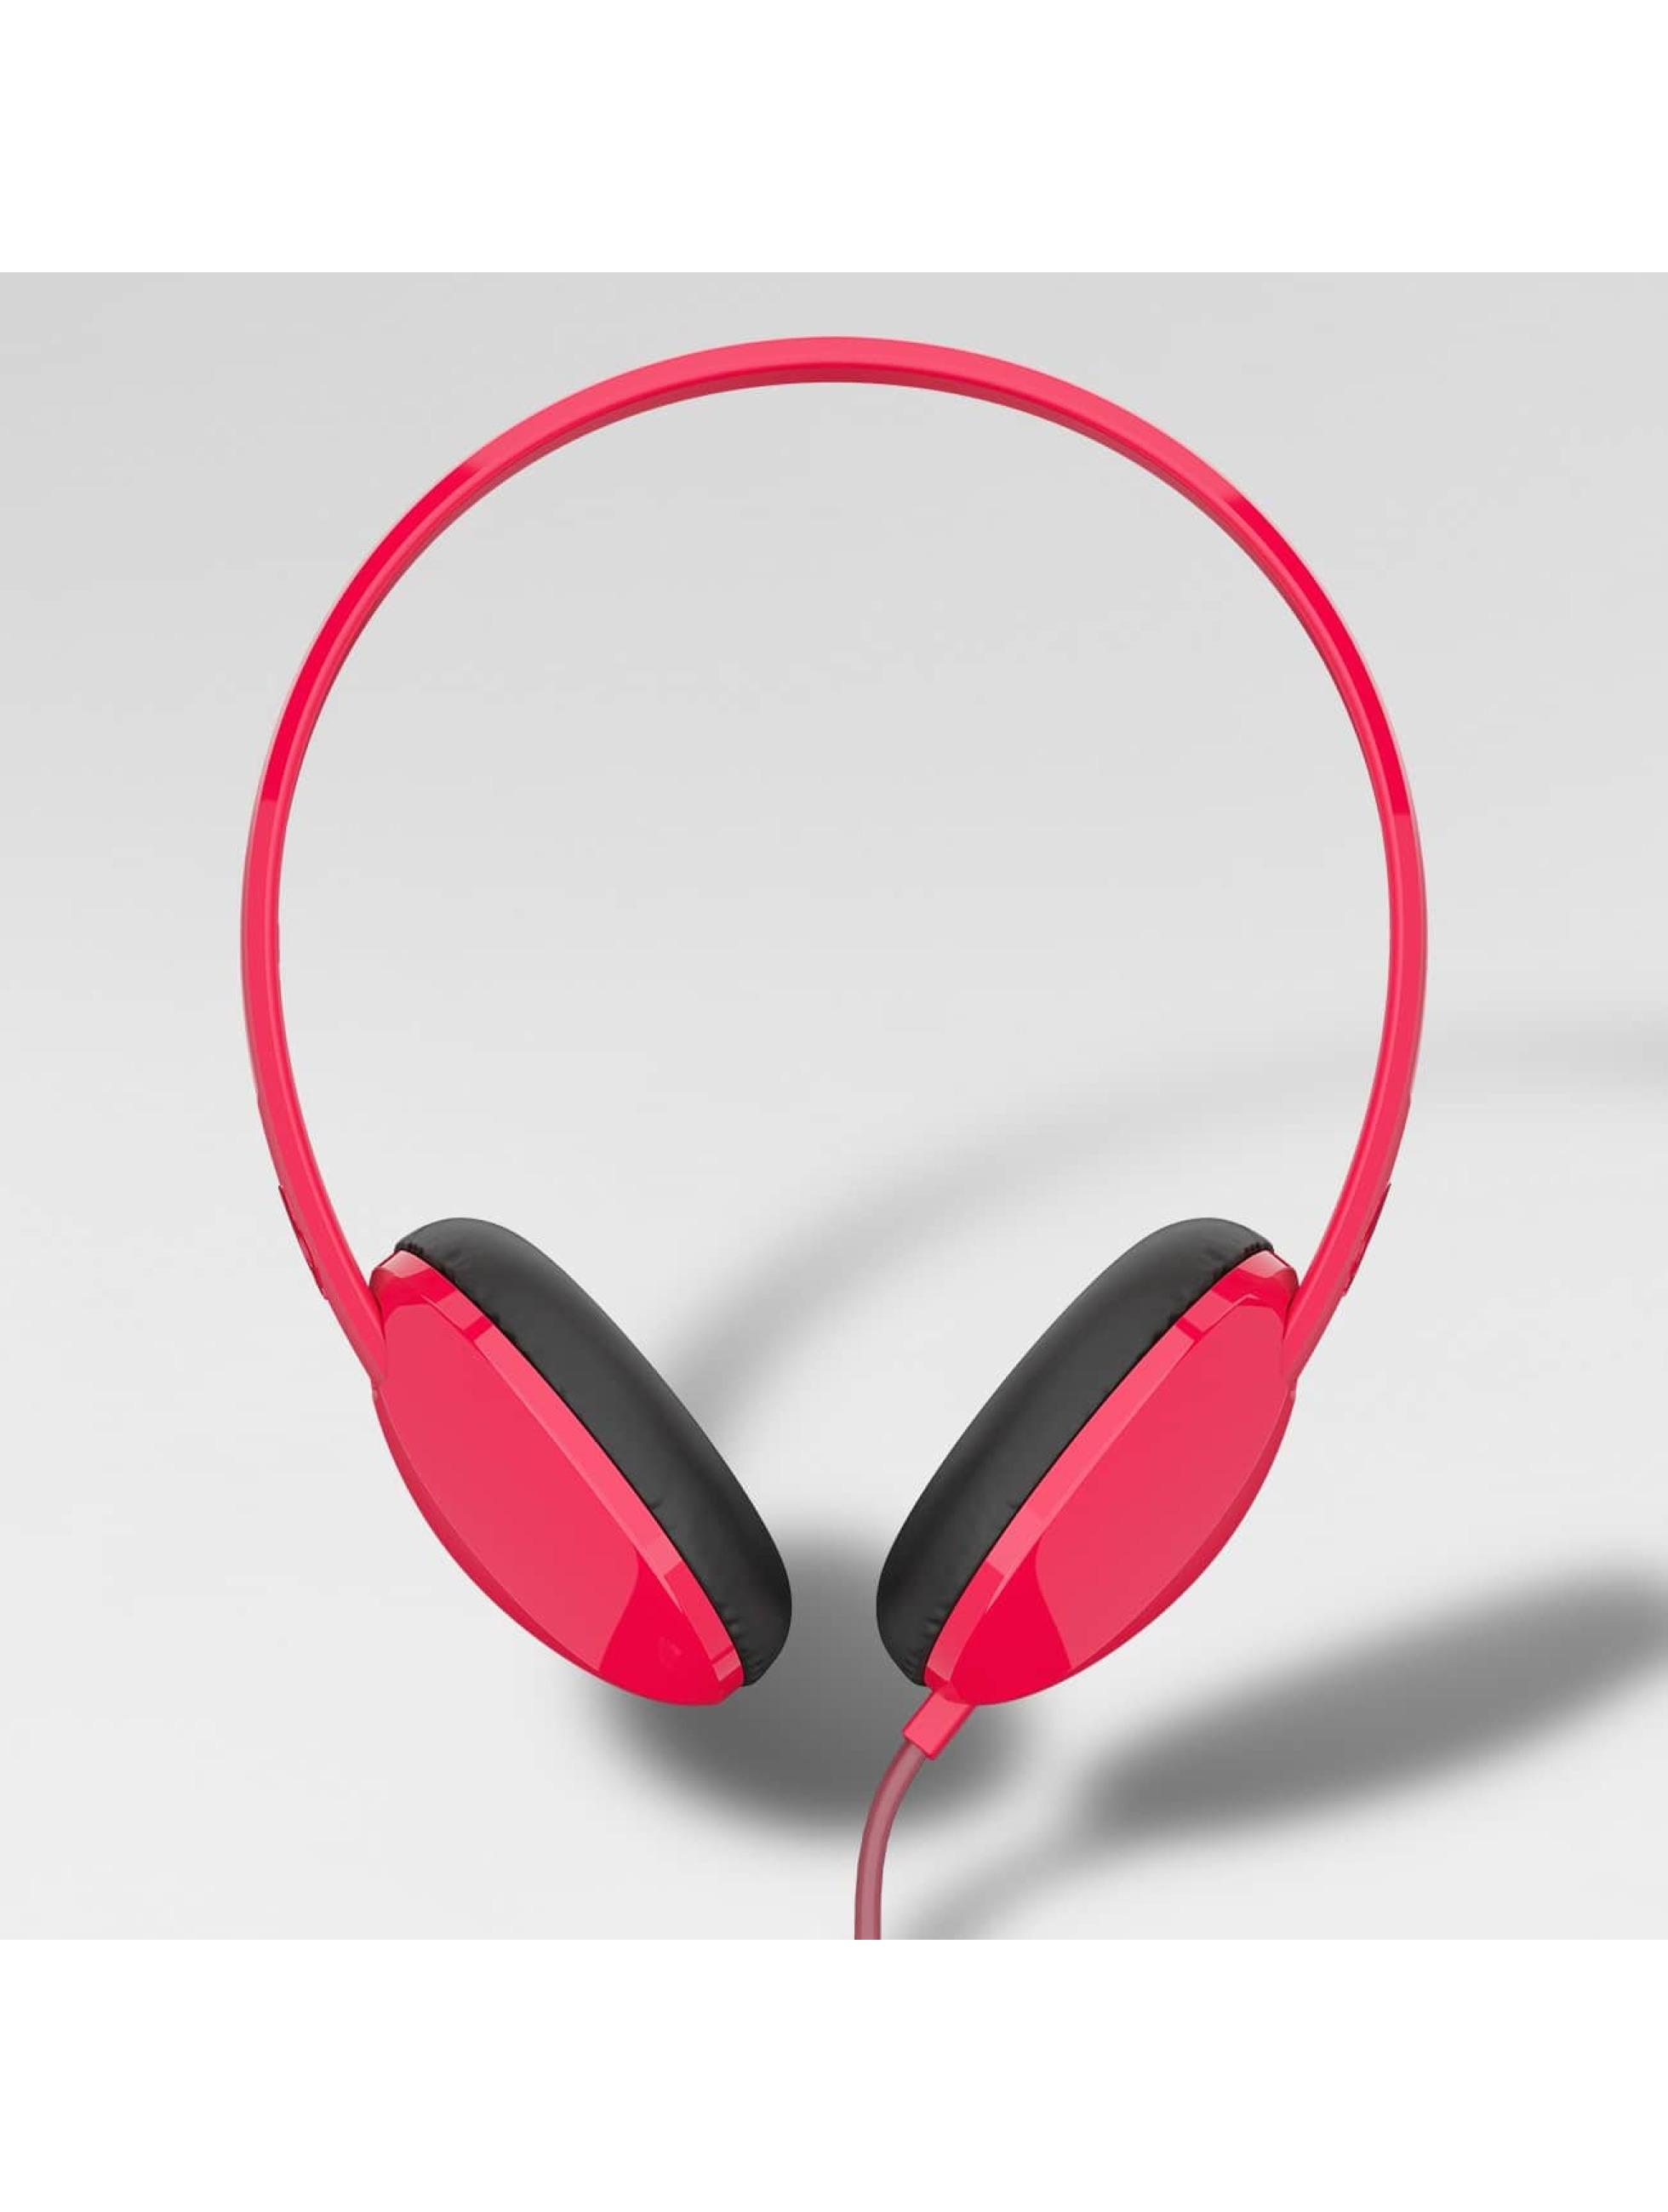 Skullcandy Słuchawki Stim Mic 1 On Ear czerwony